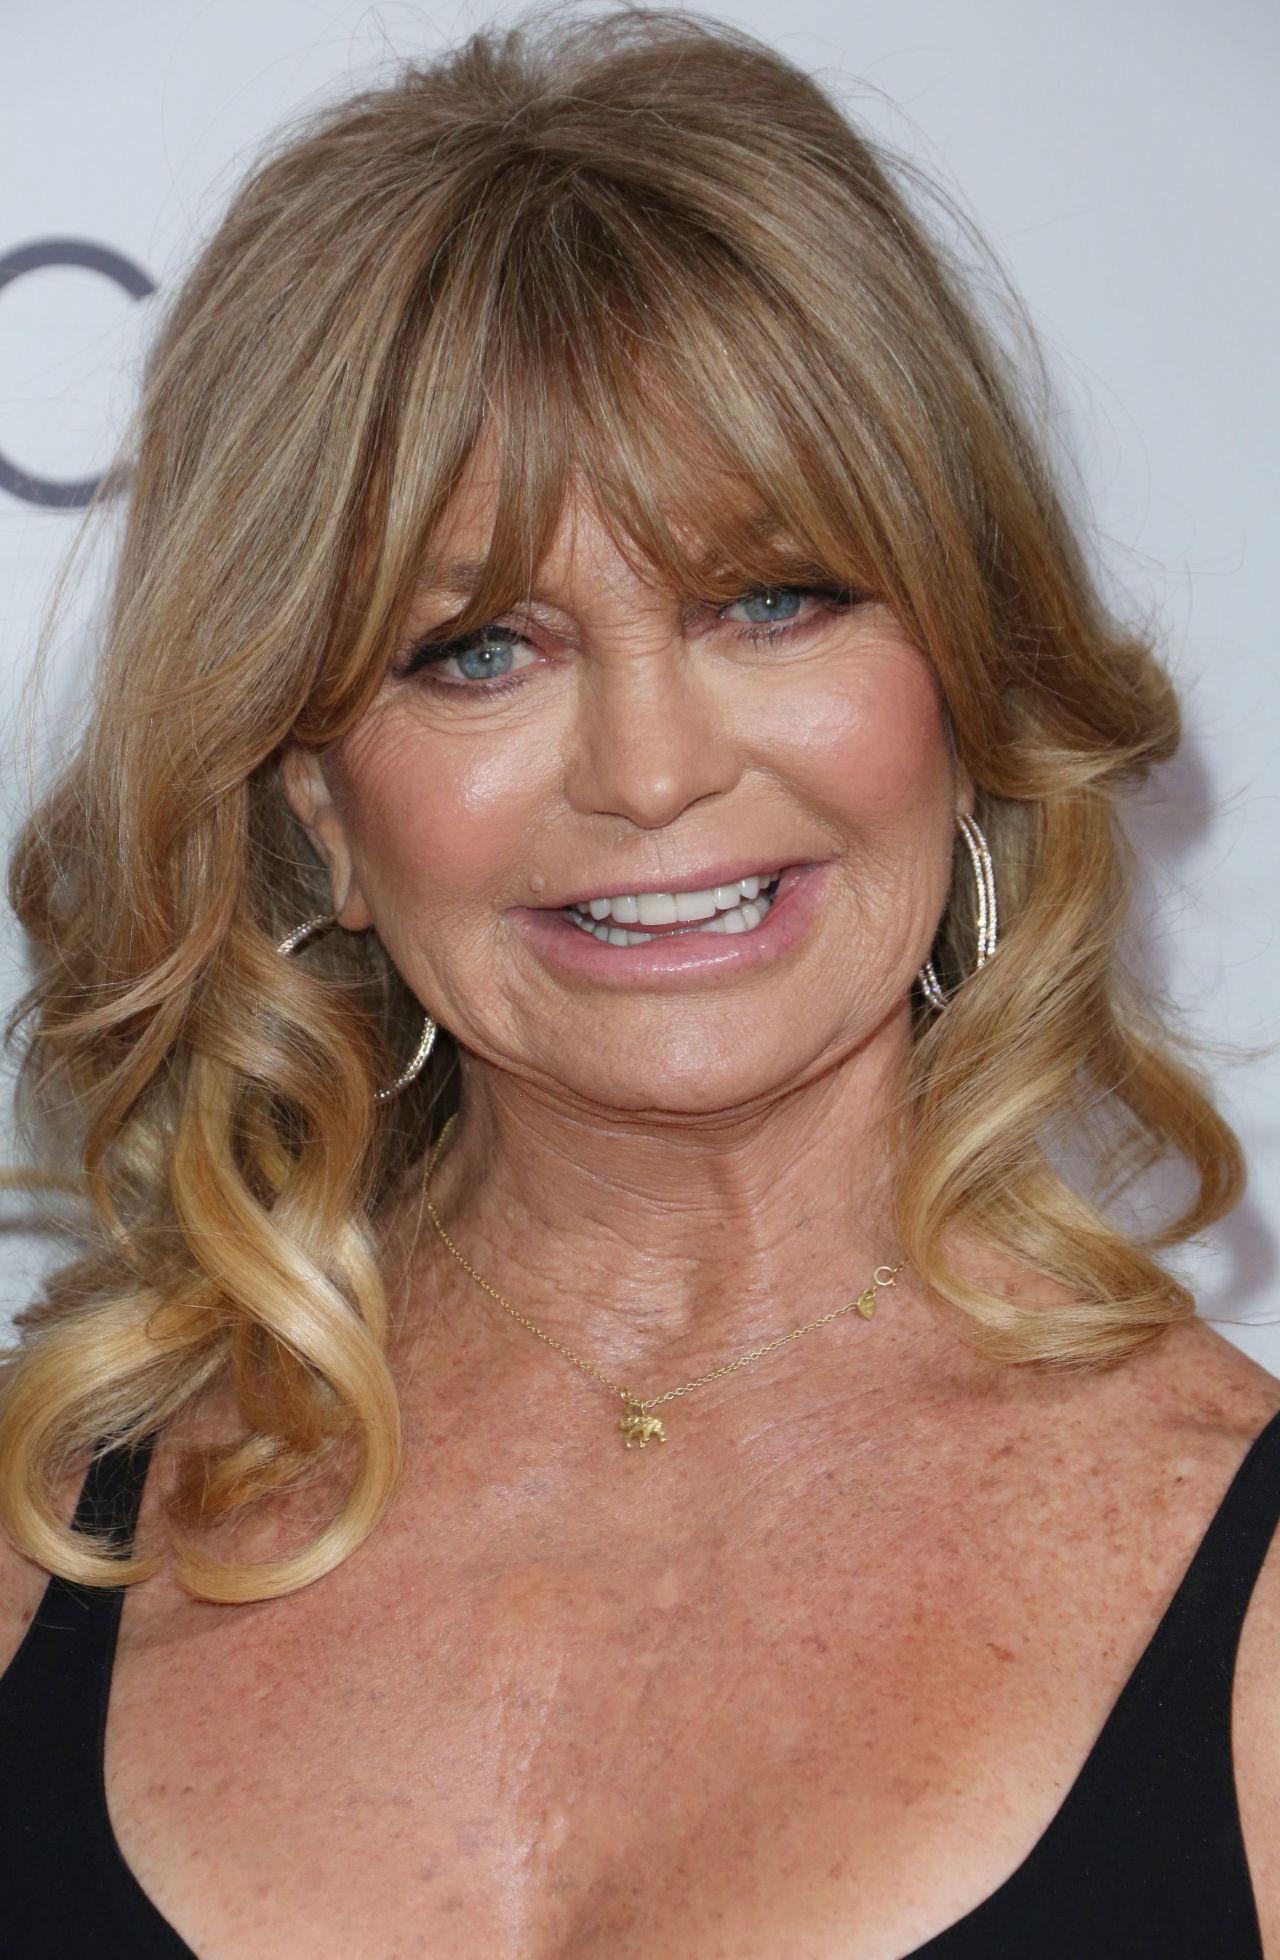 Goldie Hawn Sorusuna Uyun Ekilleri Pulsuz Ykle Bedava Indir